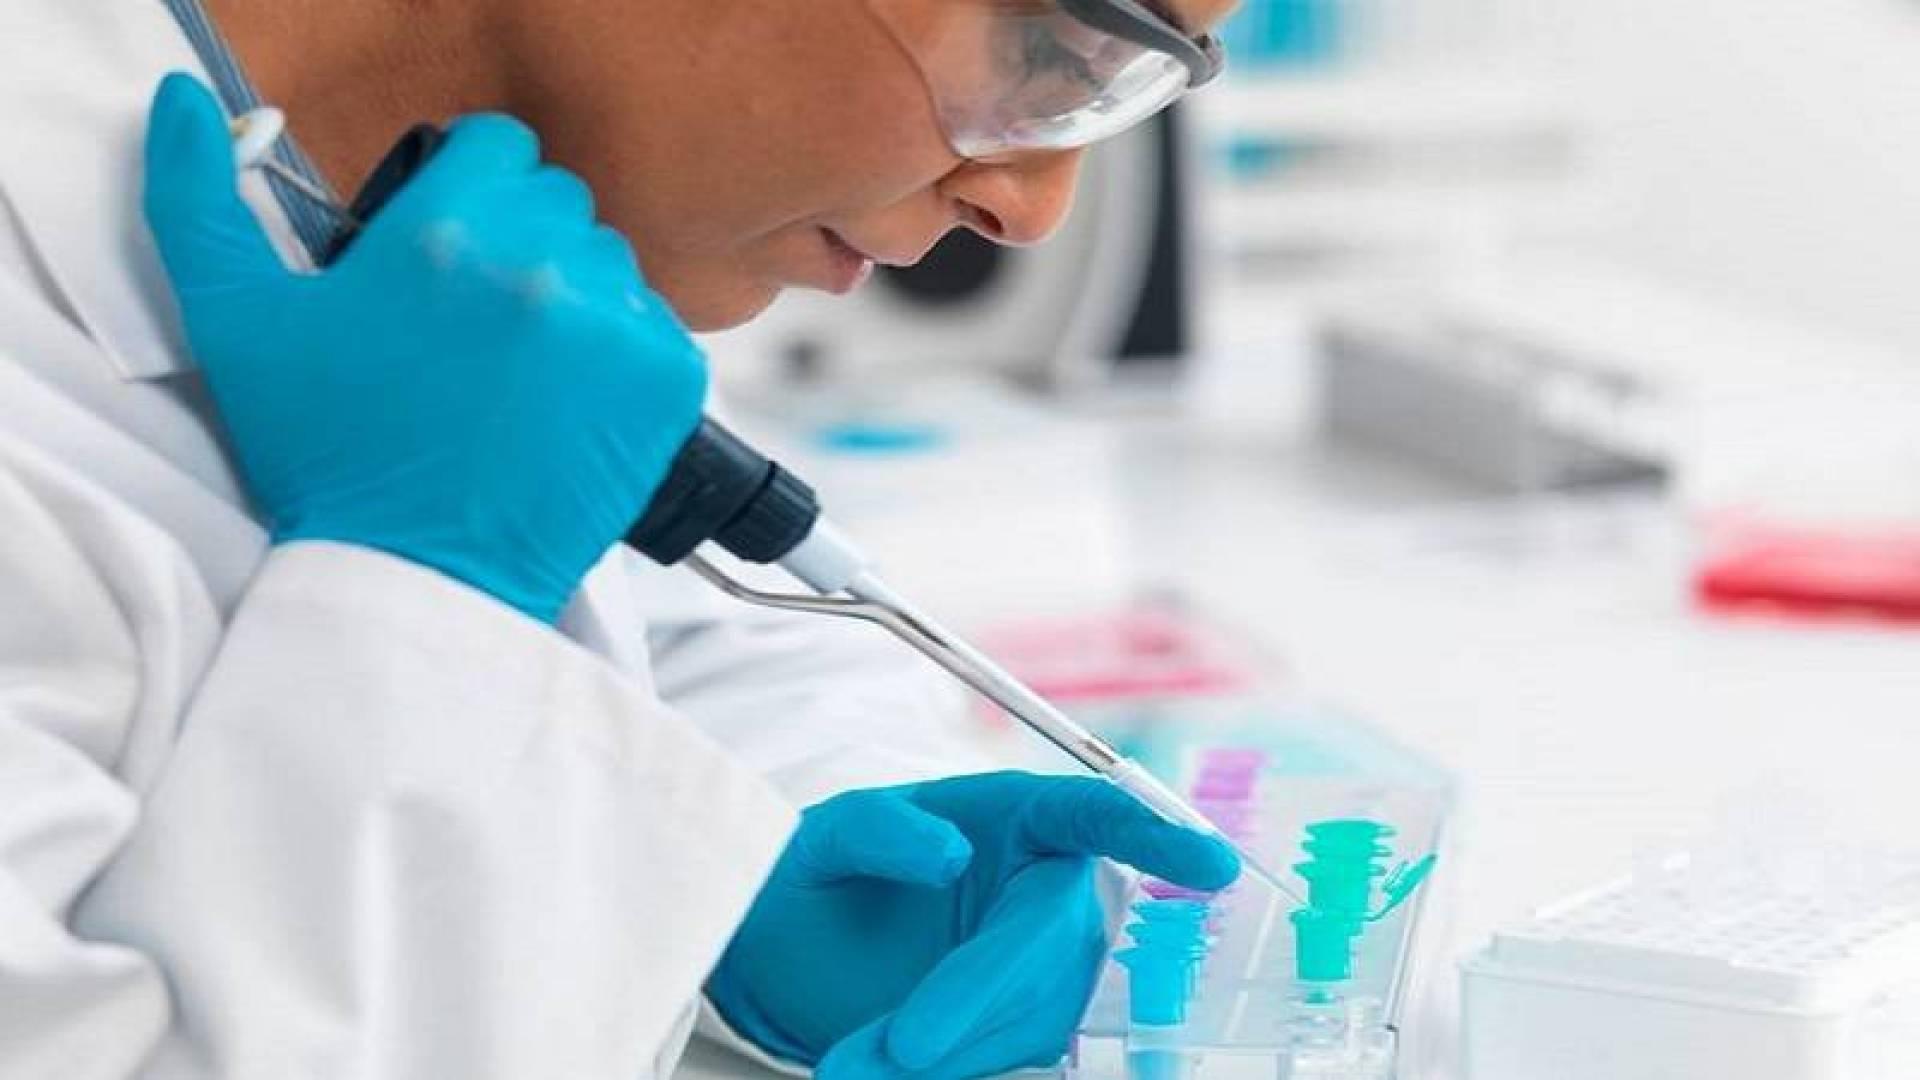 علماء يطورون اختباراً للبول يمكنه تشخيص سرطان البنكرياس مبكراً